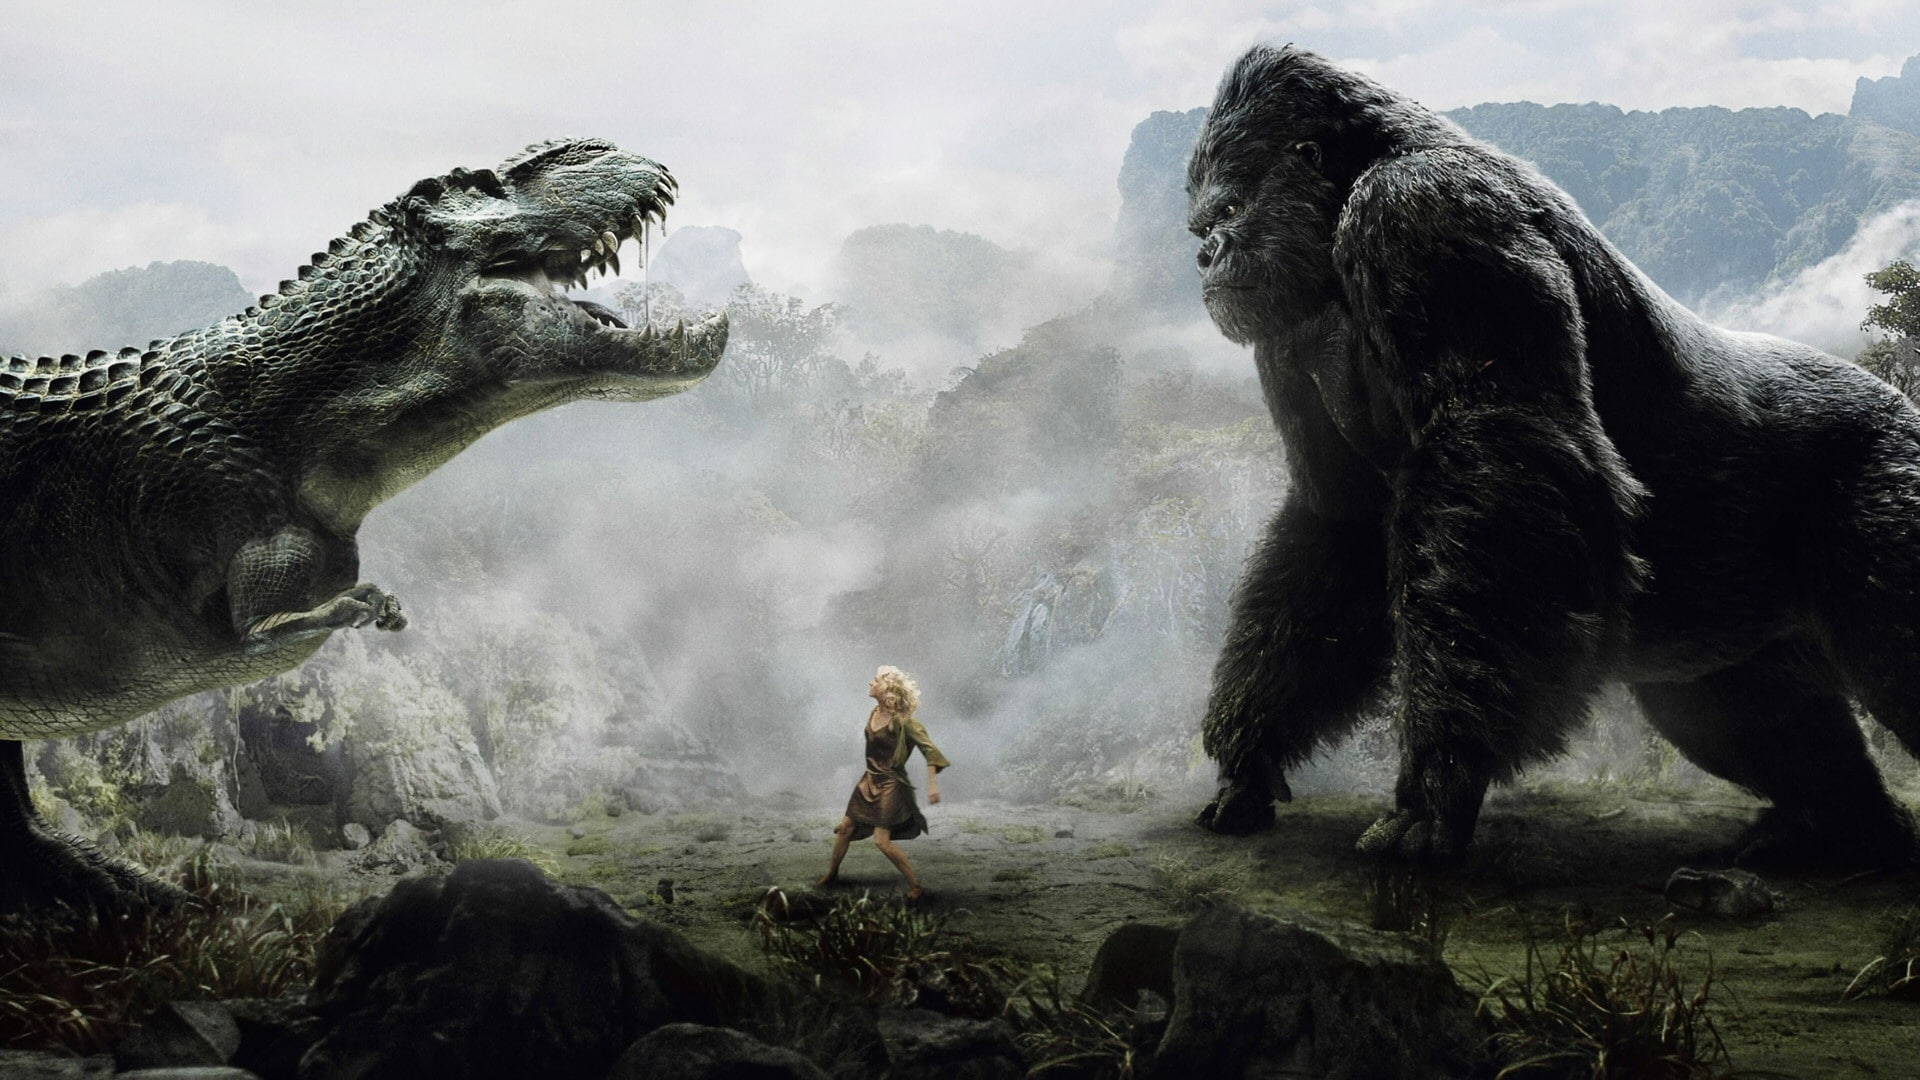 ... dinosaur wallpaper designs dinosaur wallpaper 1 t rex versus king kong